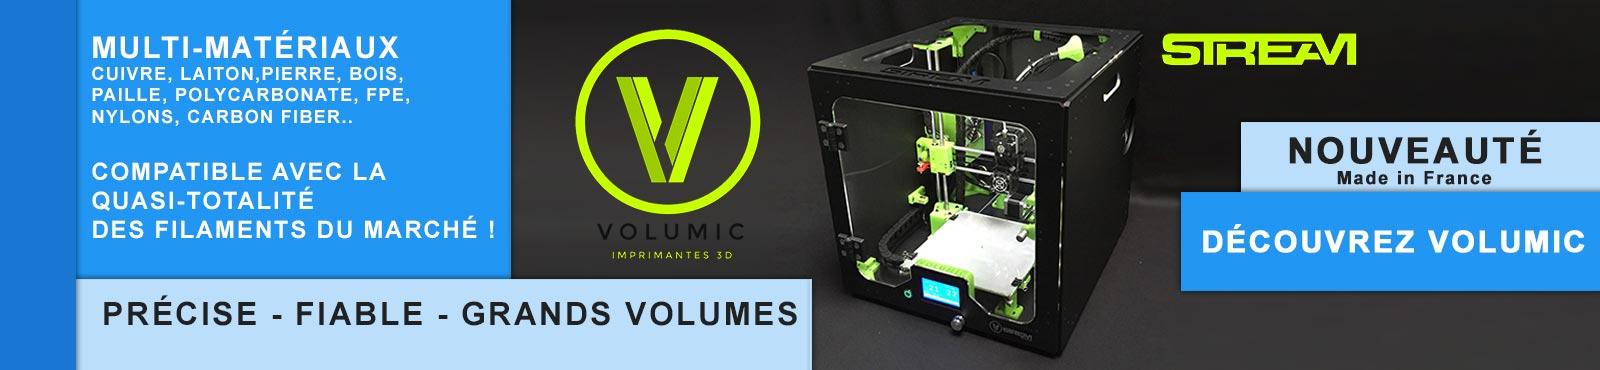 Imprimante 3D Volumic fabriquée en France,multi matériaux